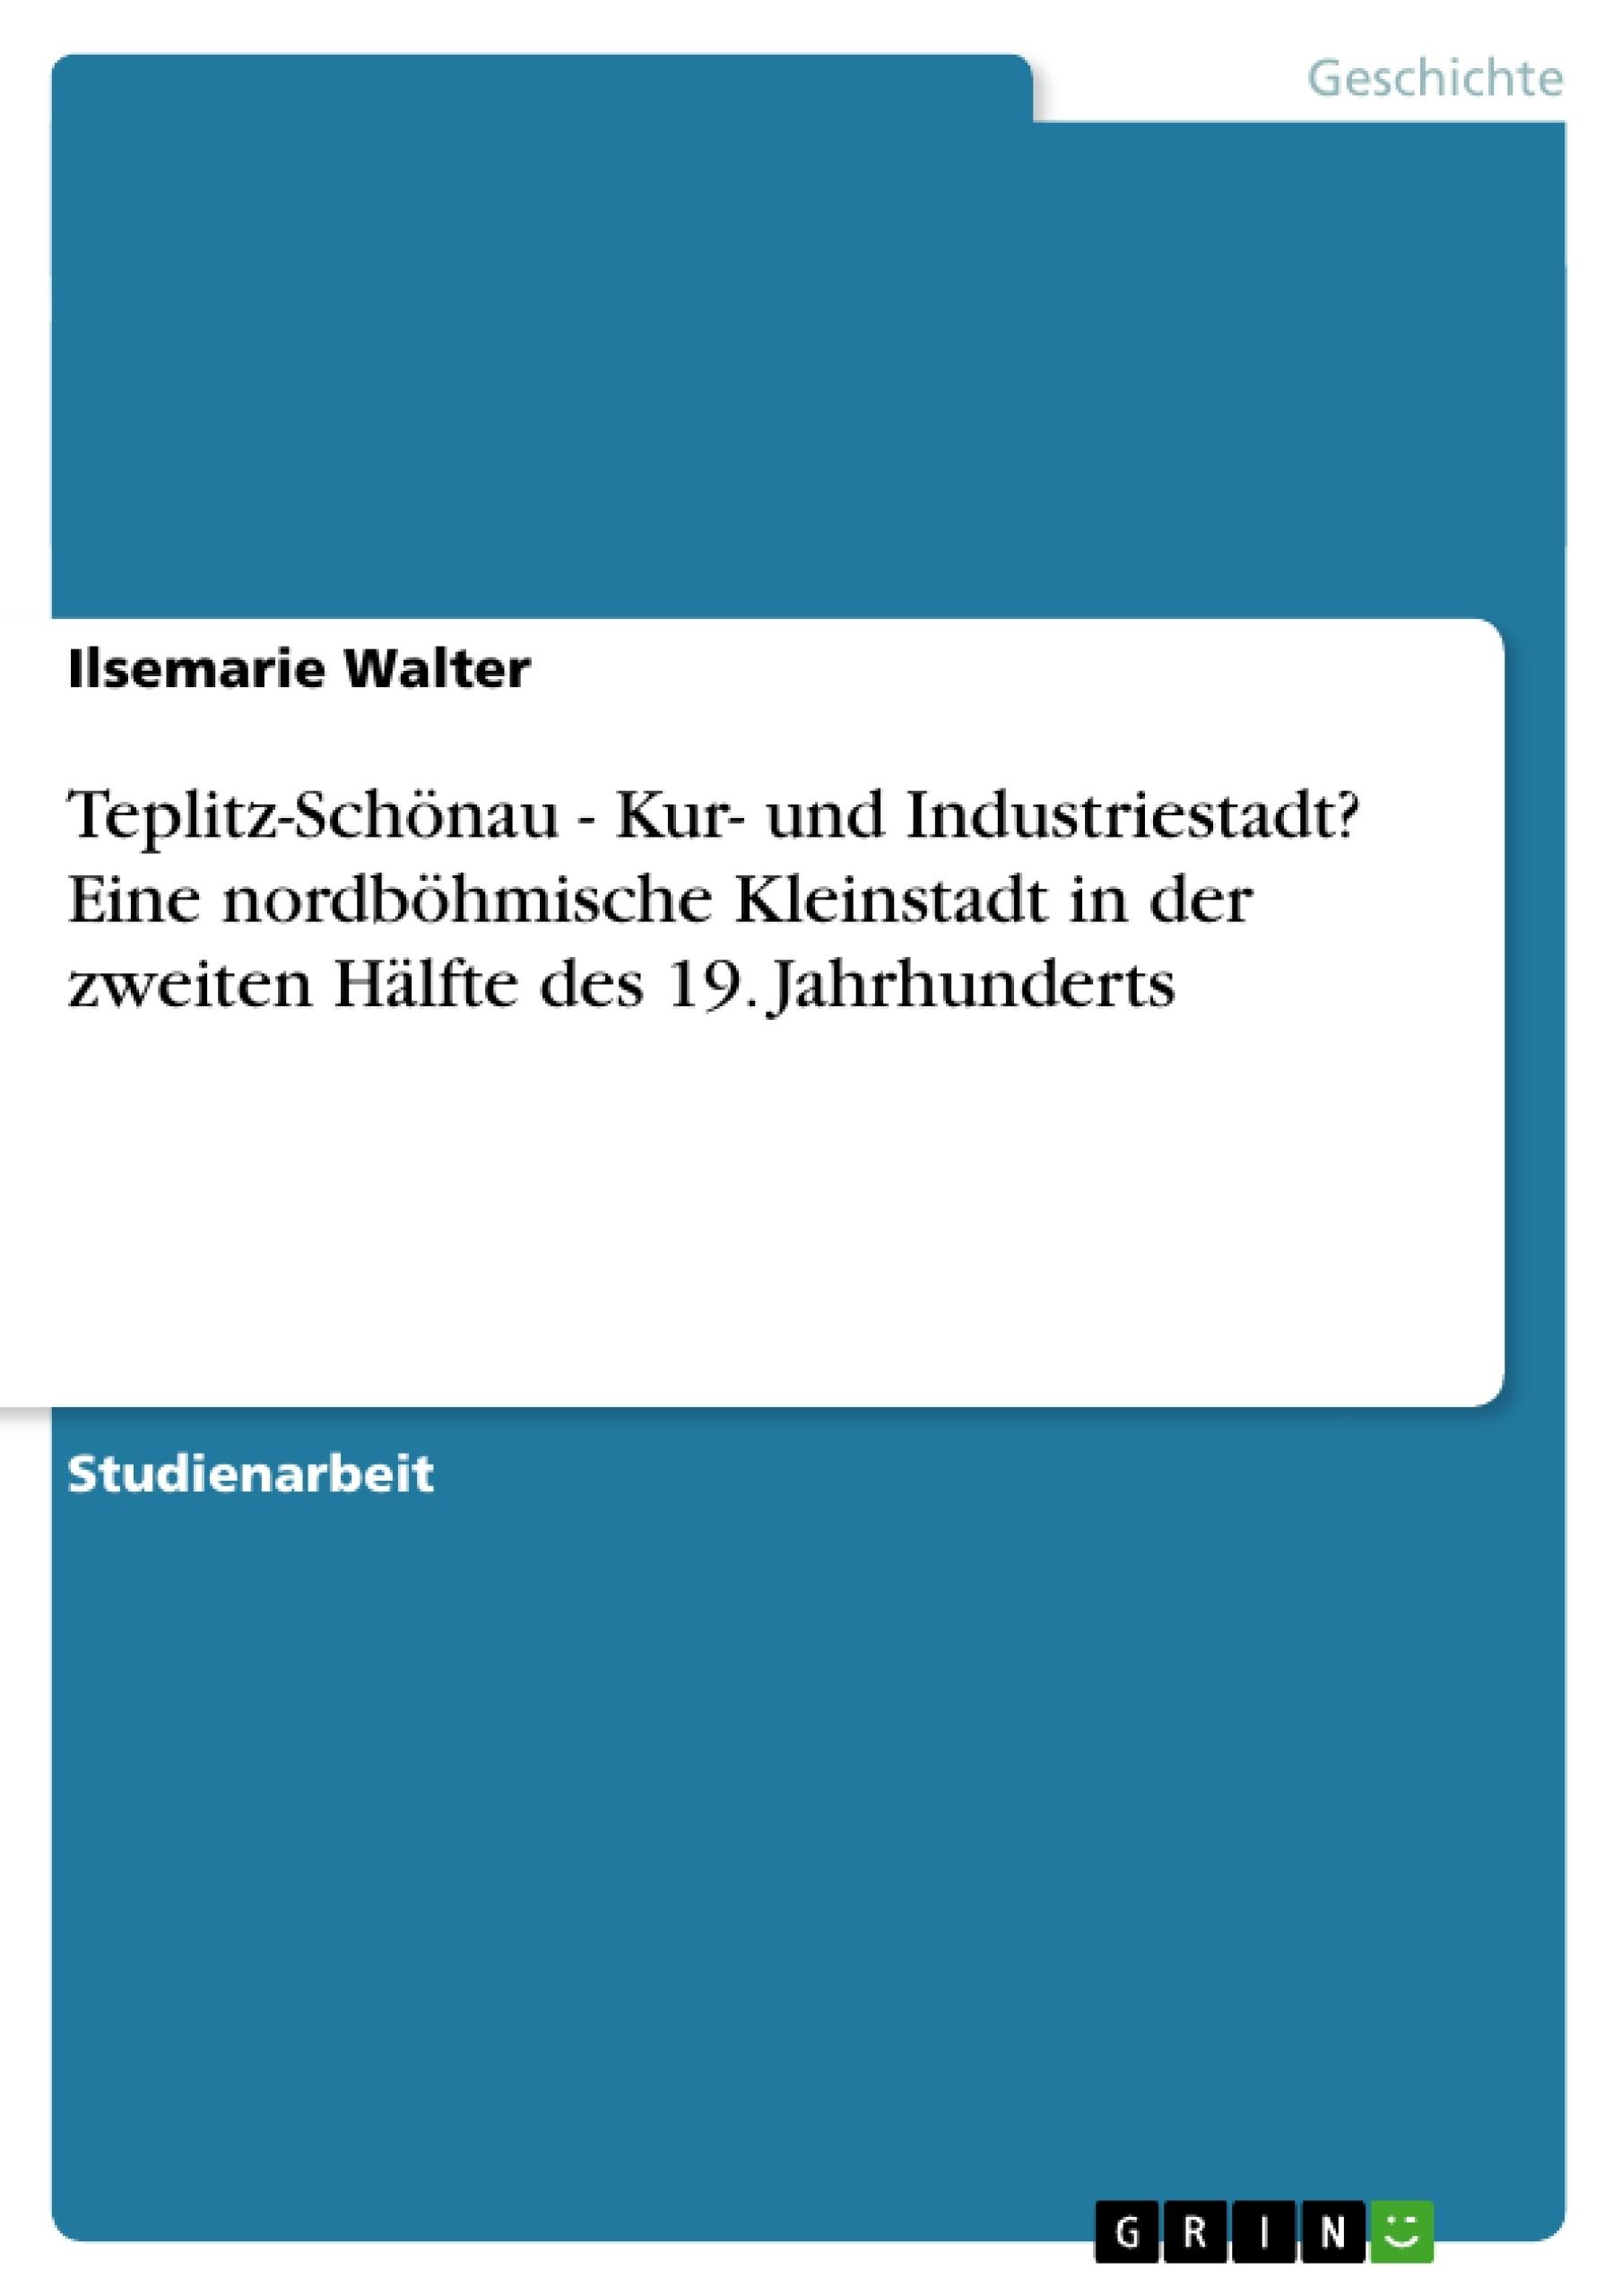 Titel: Teplitz-Schönau: Kur- und Industriestadt? Eine nordböhmische Kleinstadt in der zweiten Hälfte des 19. Jahrhunderts